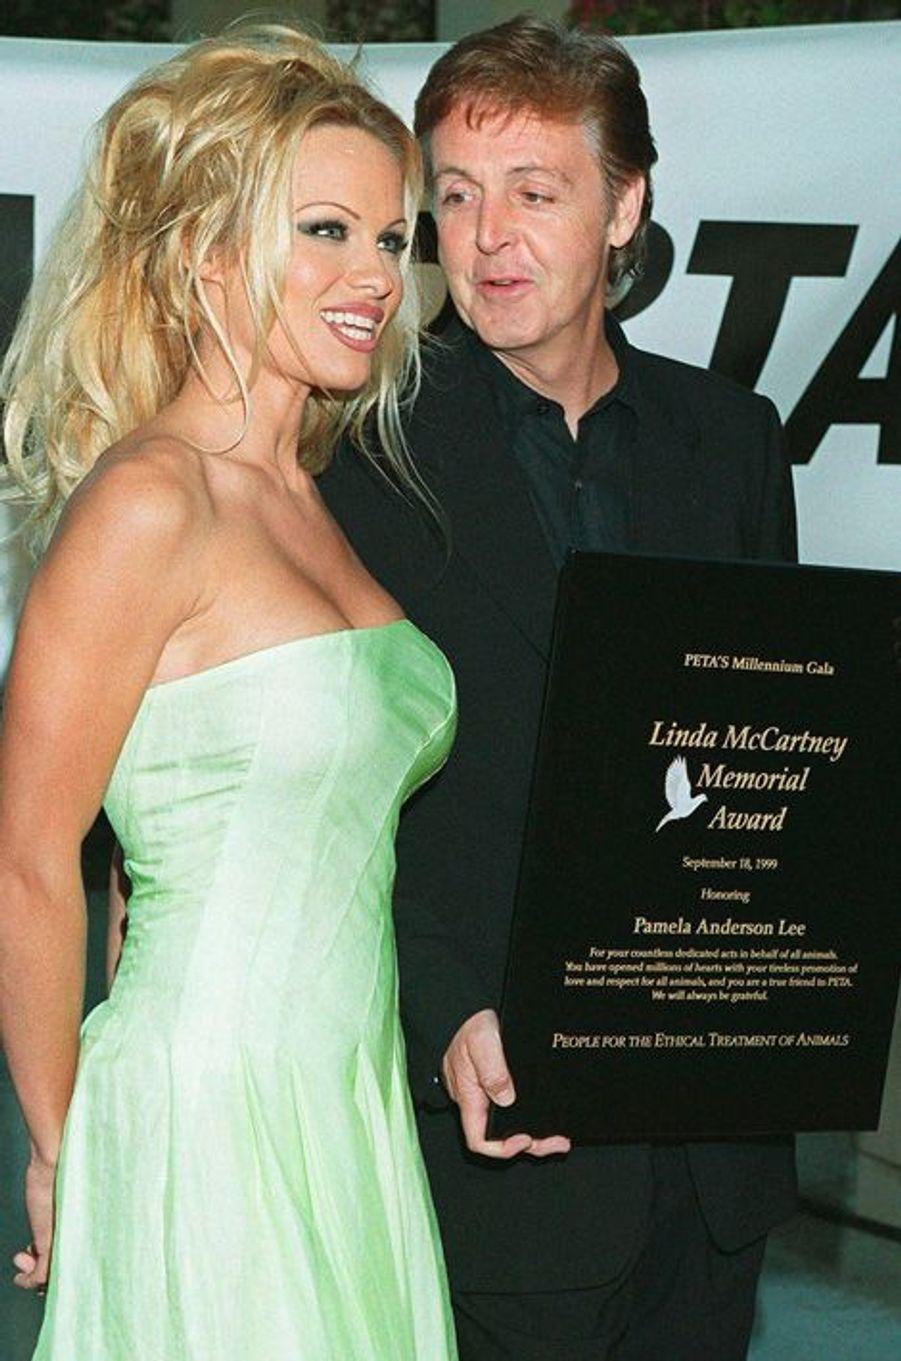 Pamela Anderson reçoit le Linda McCartney Award pour son engagement avec la PETA, septembre 1999